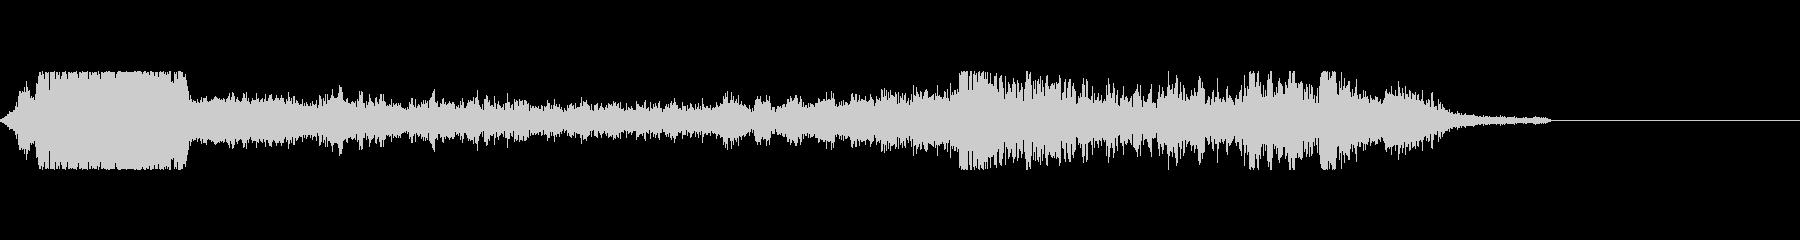 海外FMラジオジングルぽい音の未再生の波形